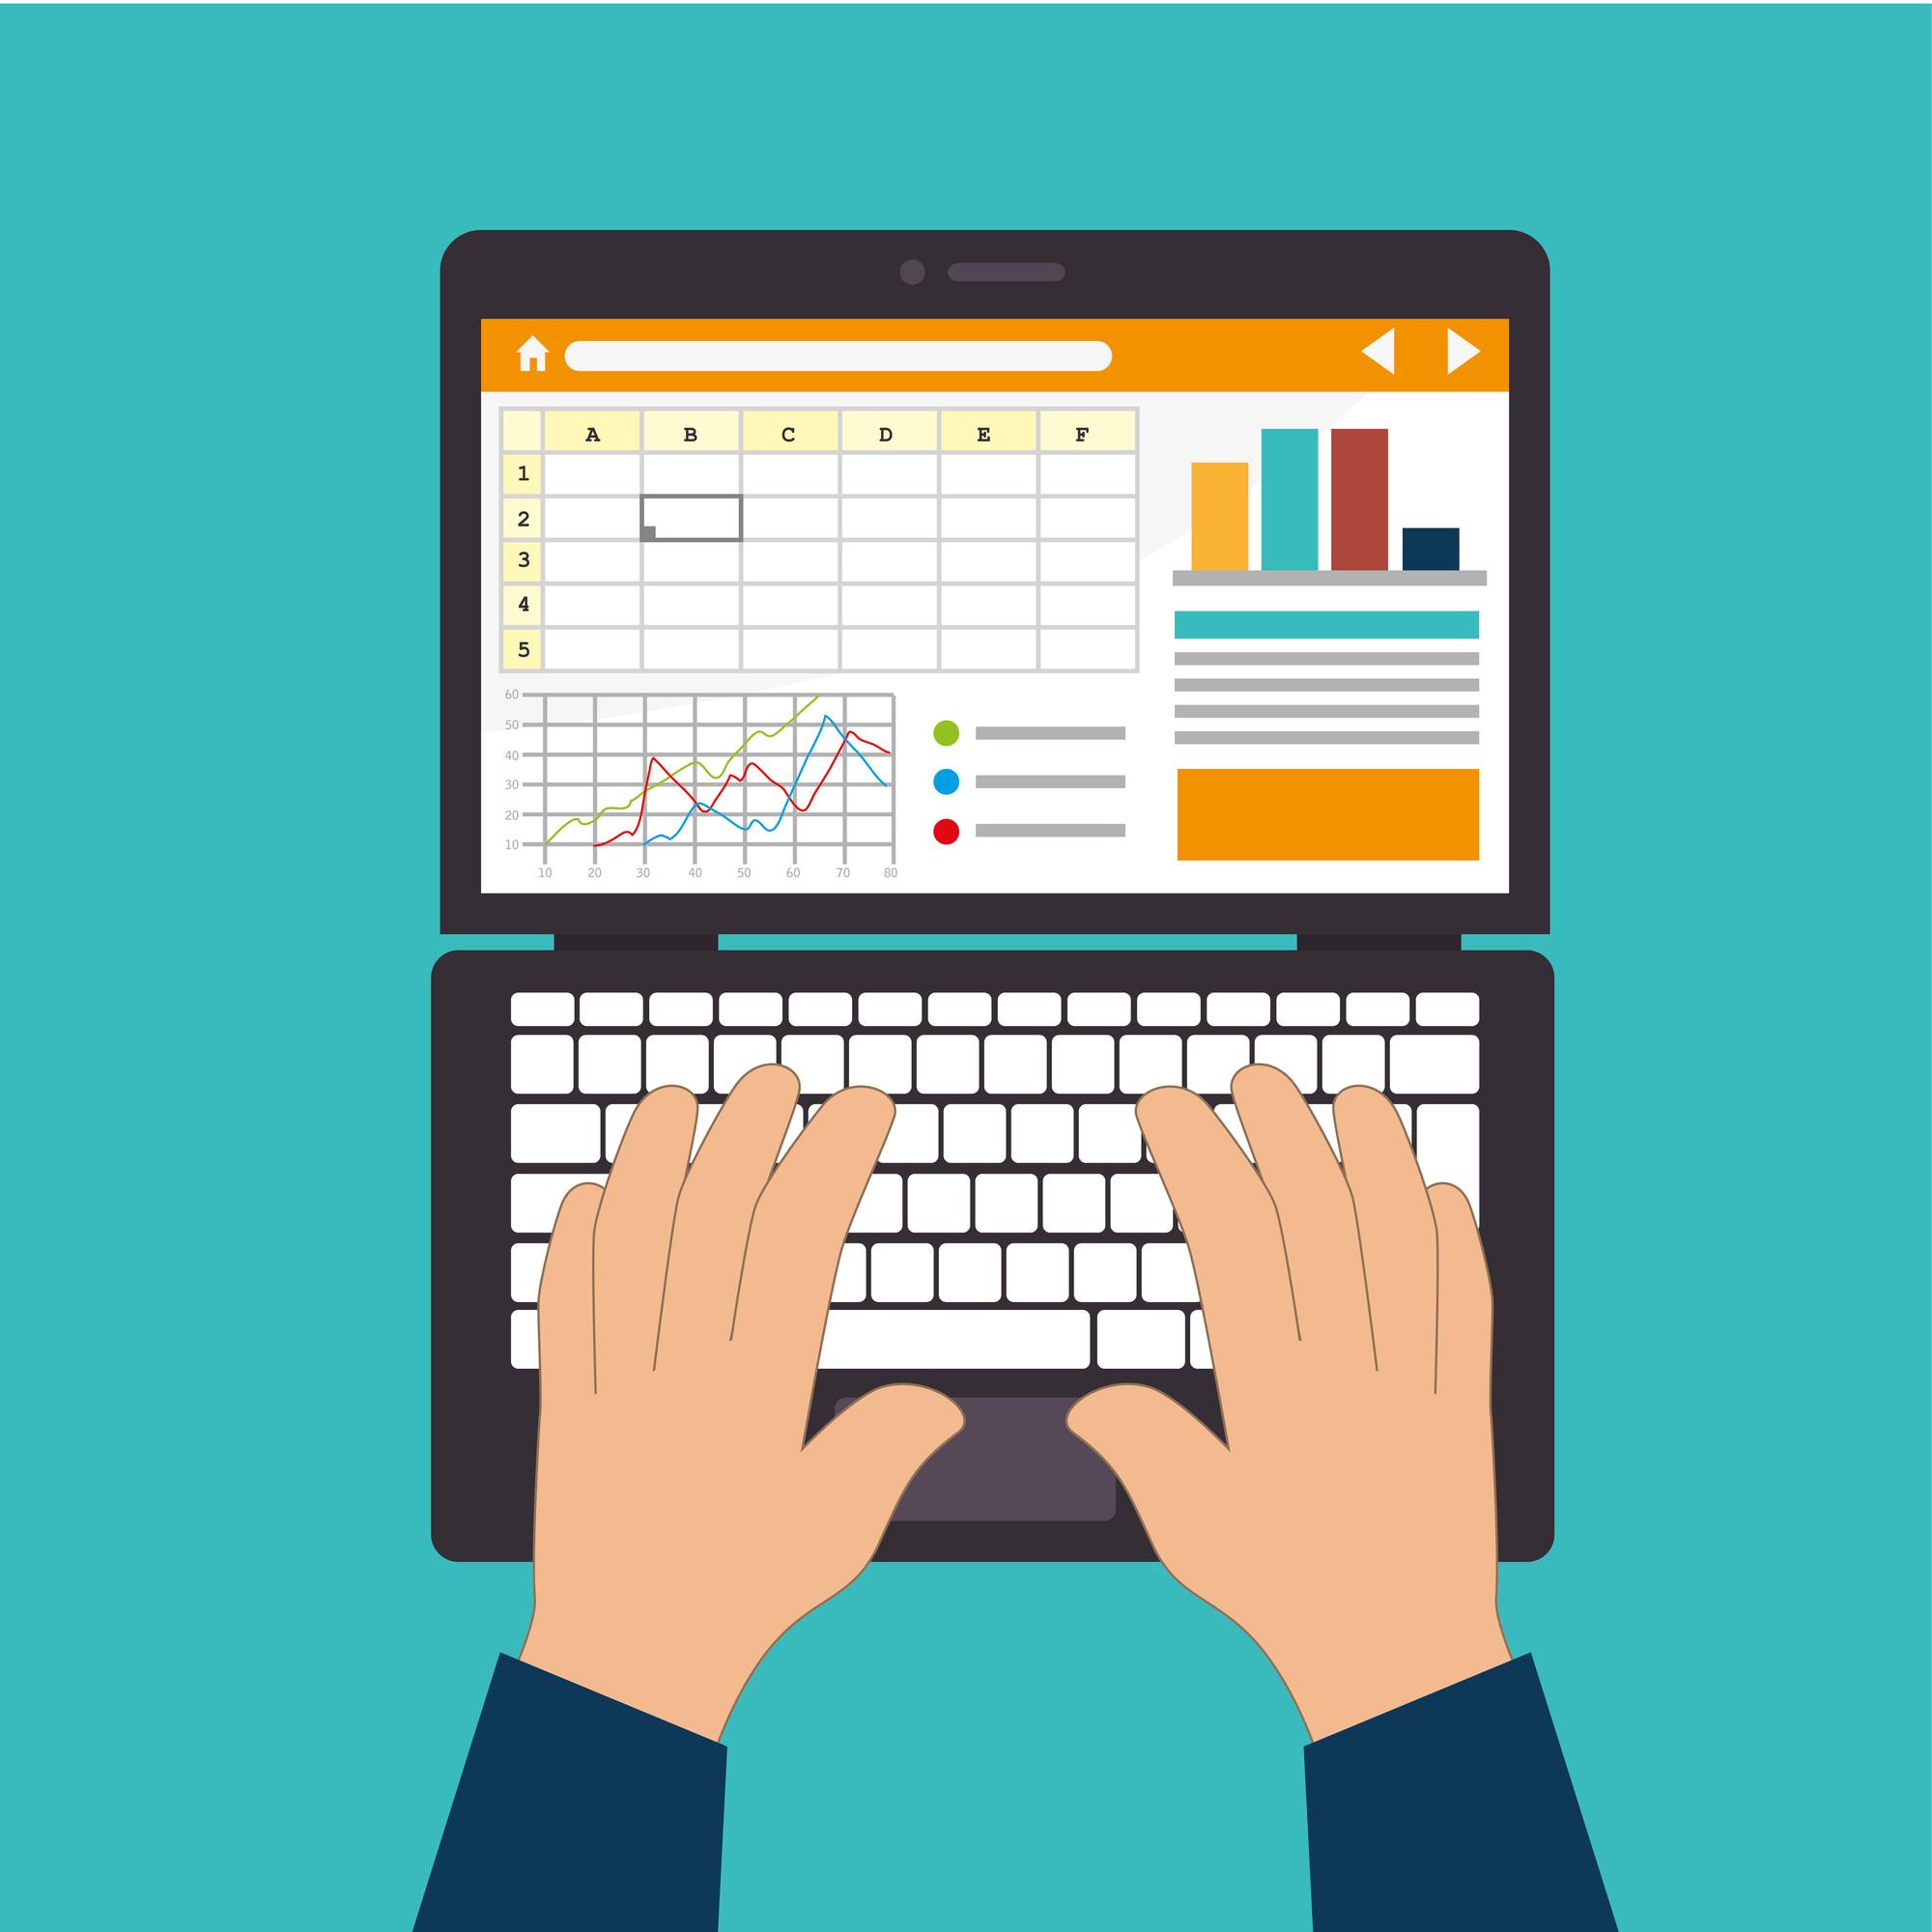 12 fórmulas do Excel que todo arquiteto deveria saber, © Studio_G via Shutterstock